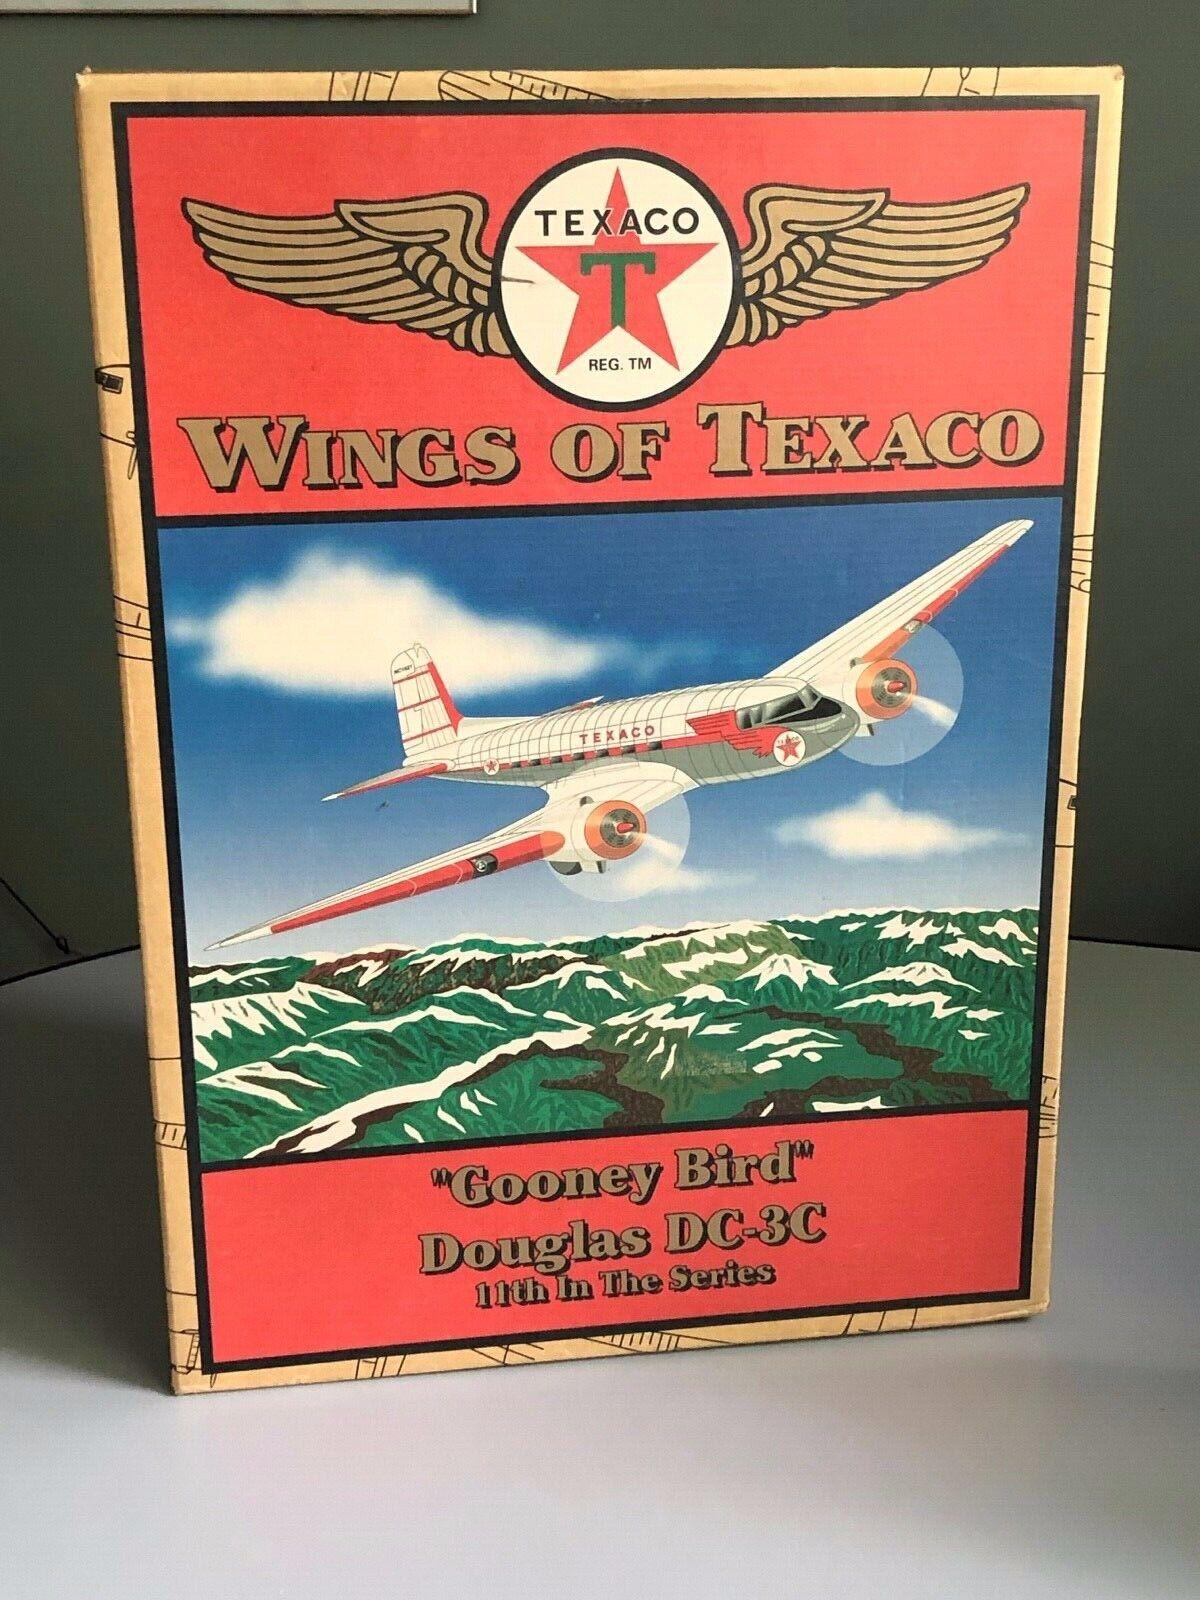 Ertl Alas de Texaco  Gooney pájaro  Douglas DC-3C 11th blancoo en la serie